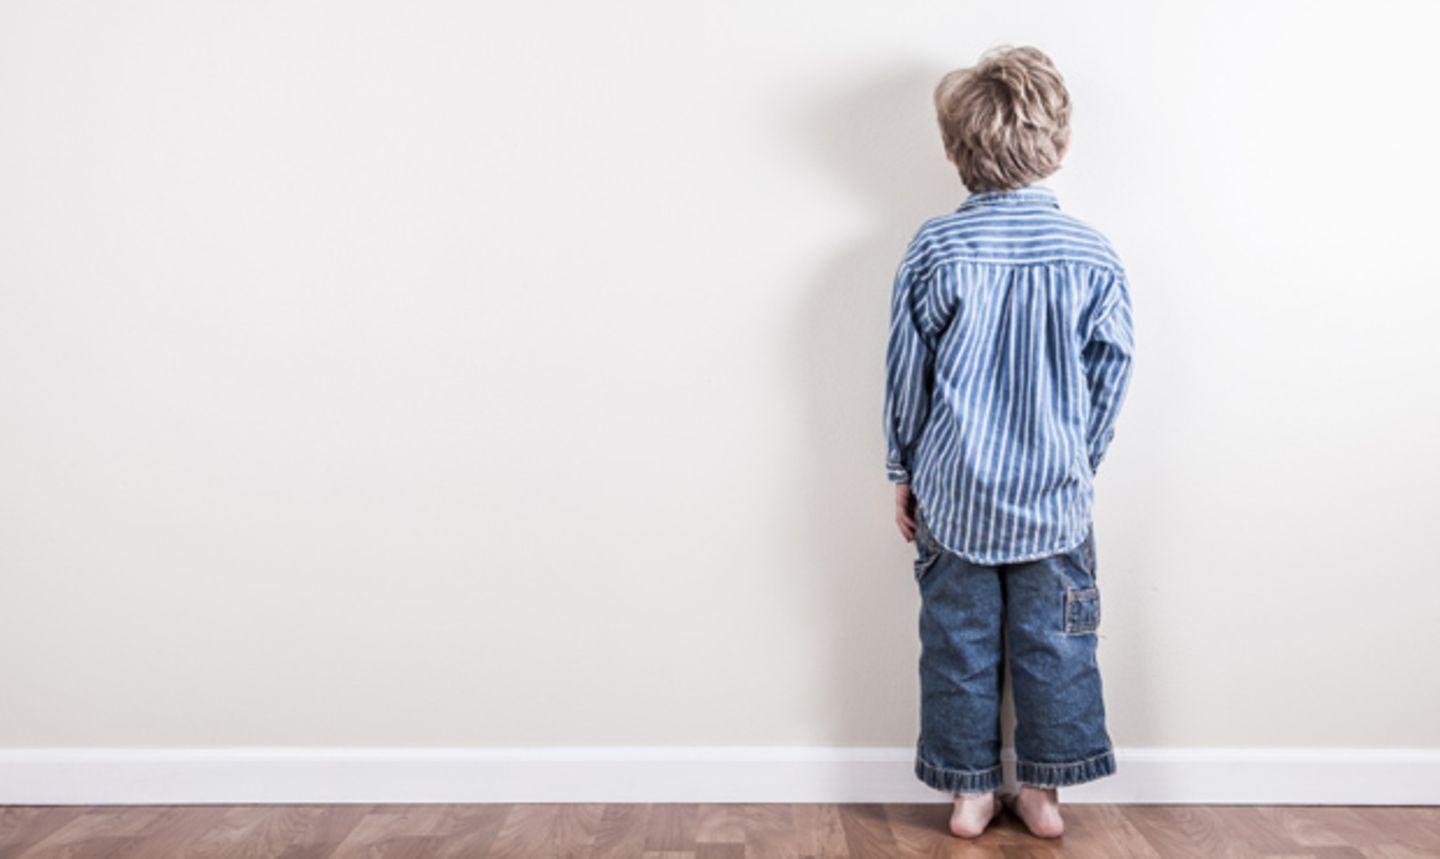 Kinder bestrafen - muss das wirklich sein?